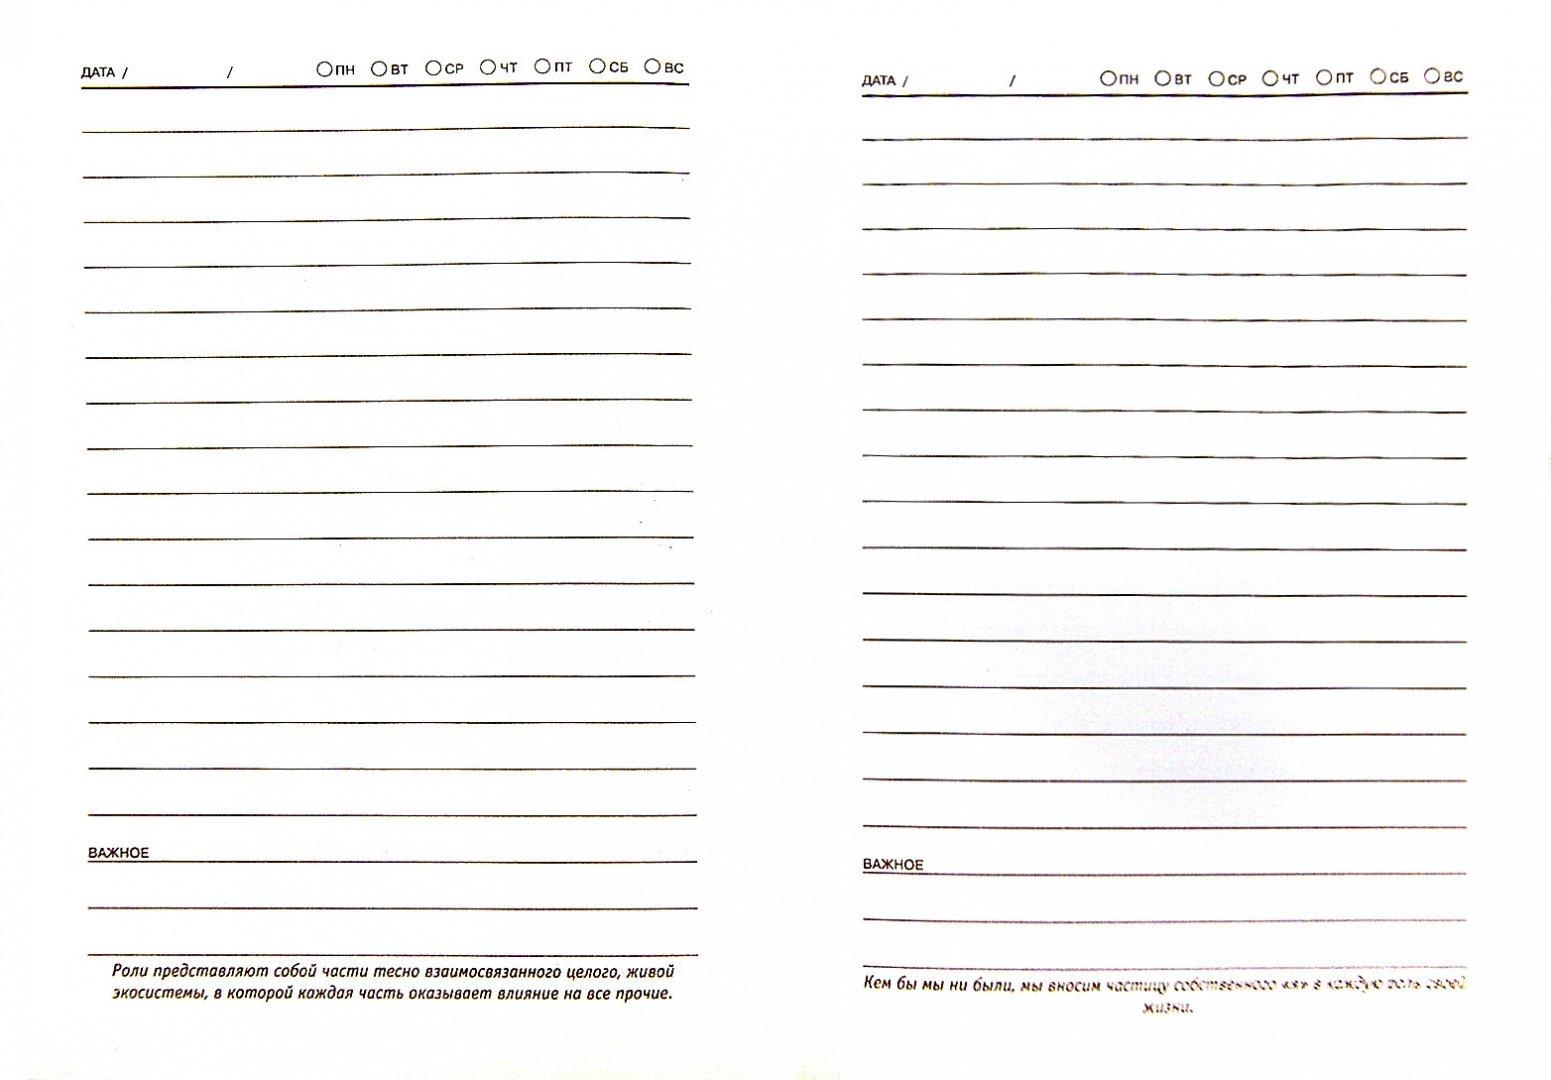 Иллюстрация 1 из 10 для Ежедневник, размер 106х148 мм, 240 страниц (30068)   Лабиринт - канцтовы. Источник: Лабиринт